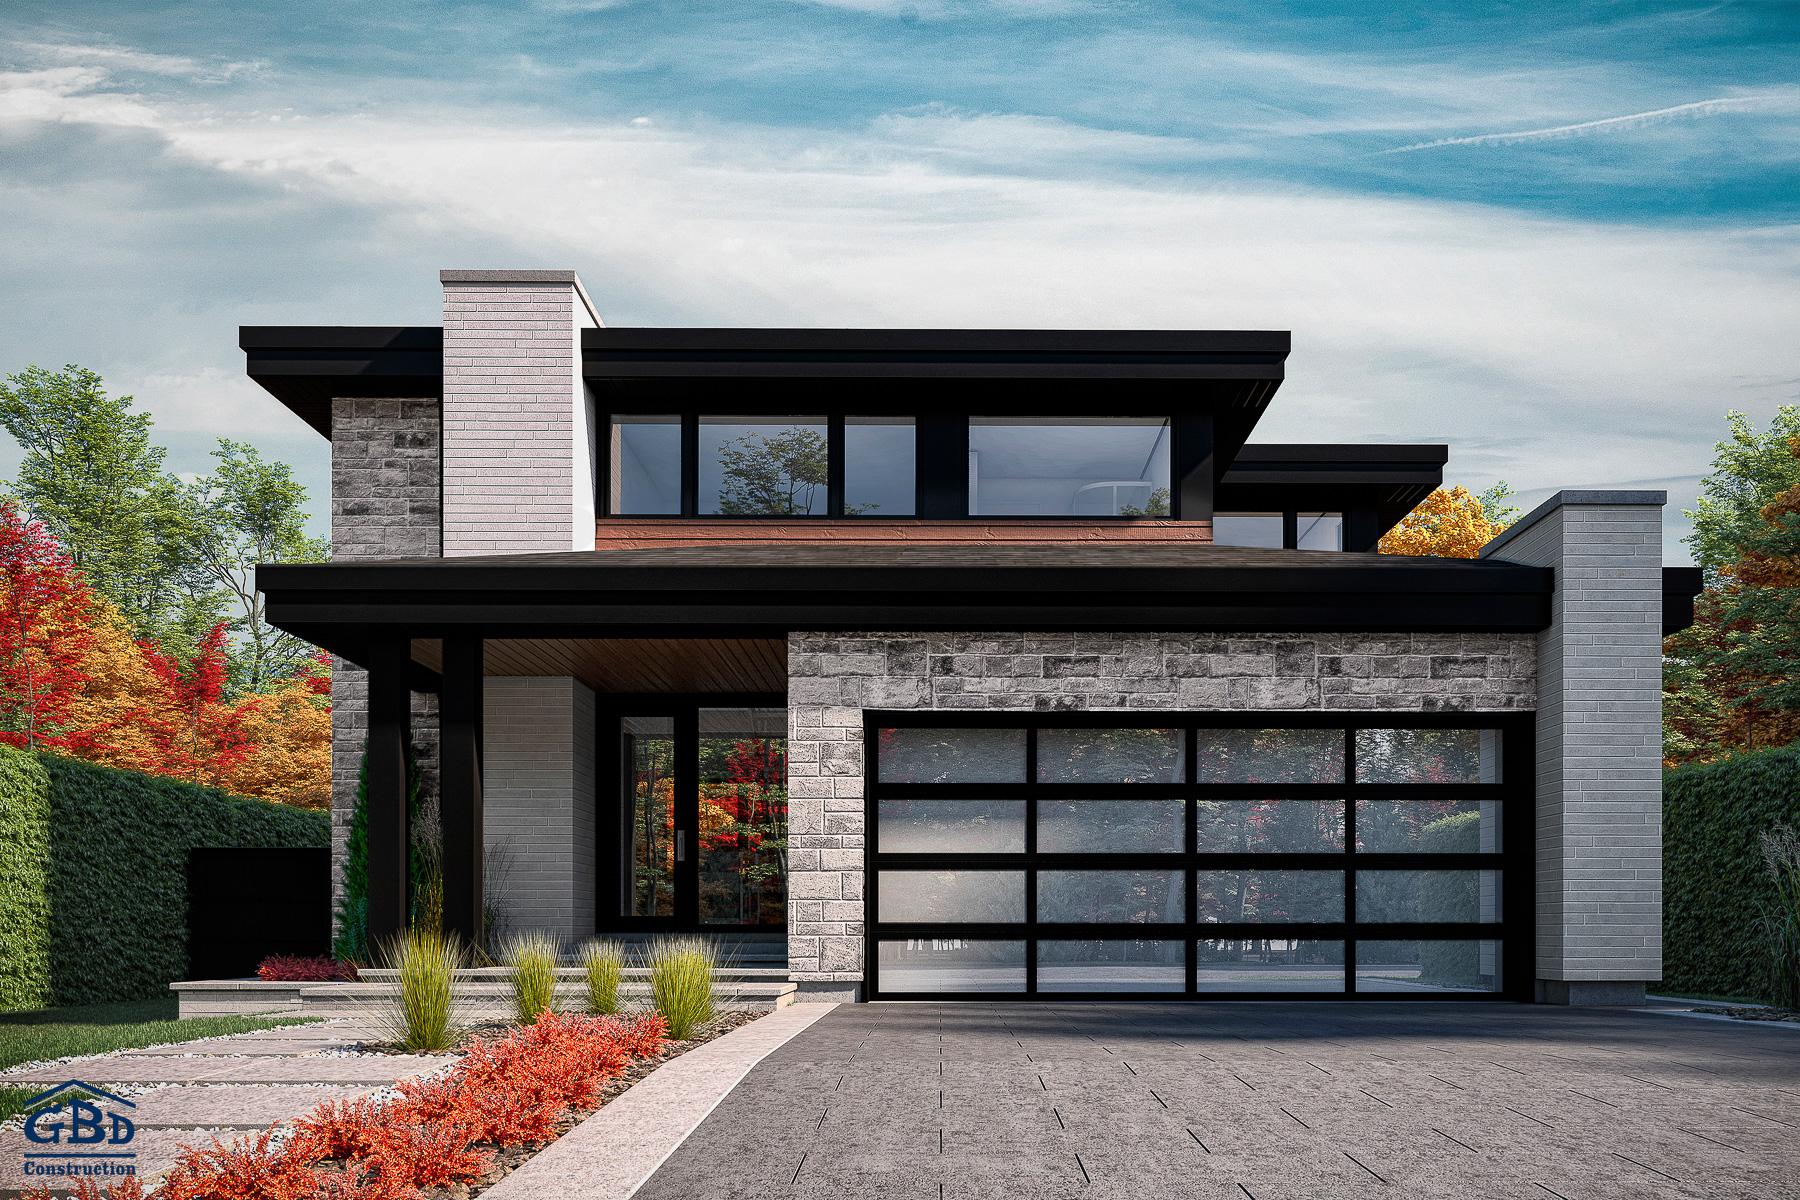 Construire Pres D Un Ruisseau newtown - maison neuve à deux étages de type cottage | gbd